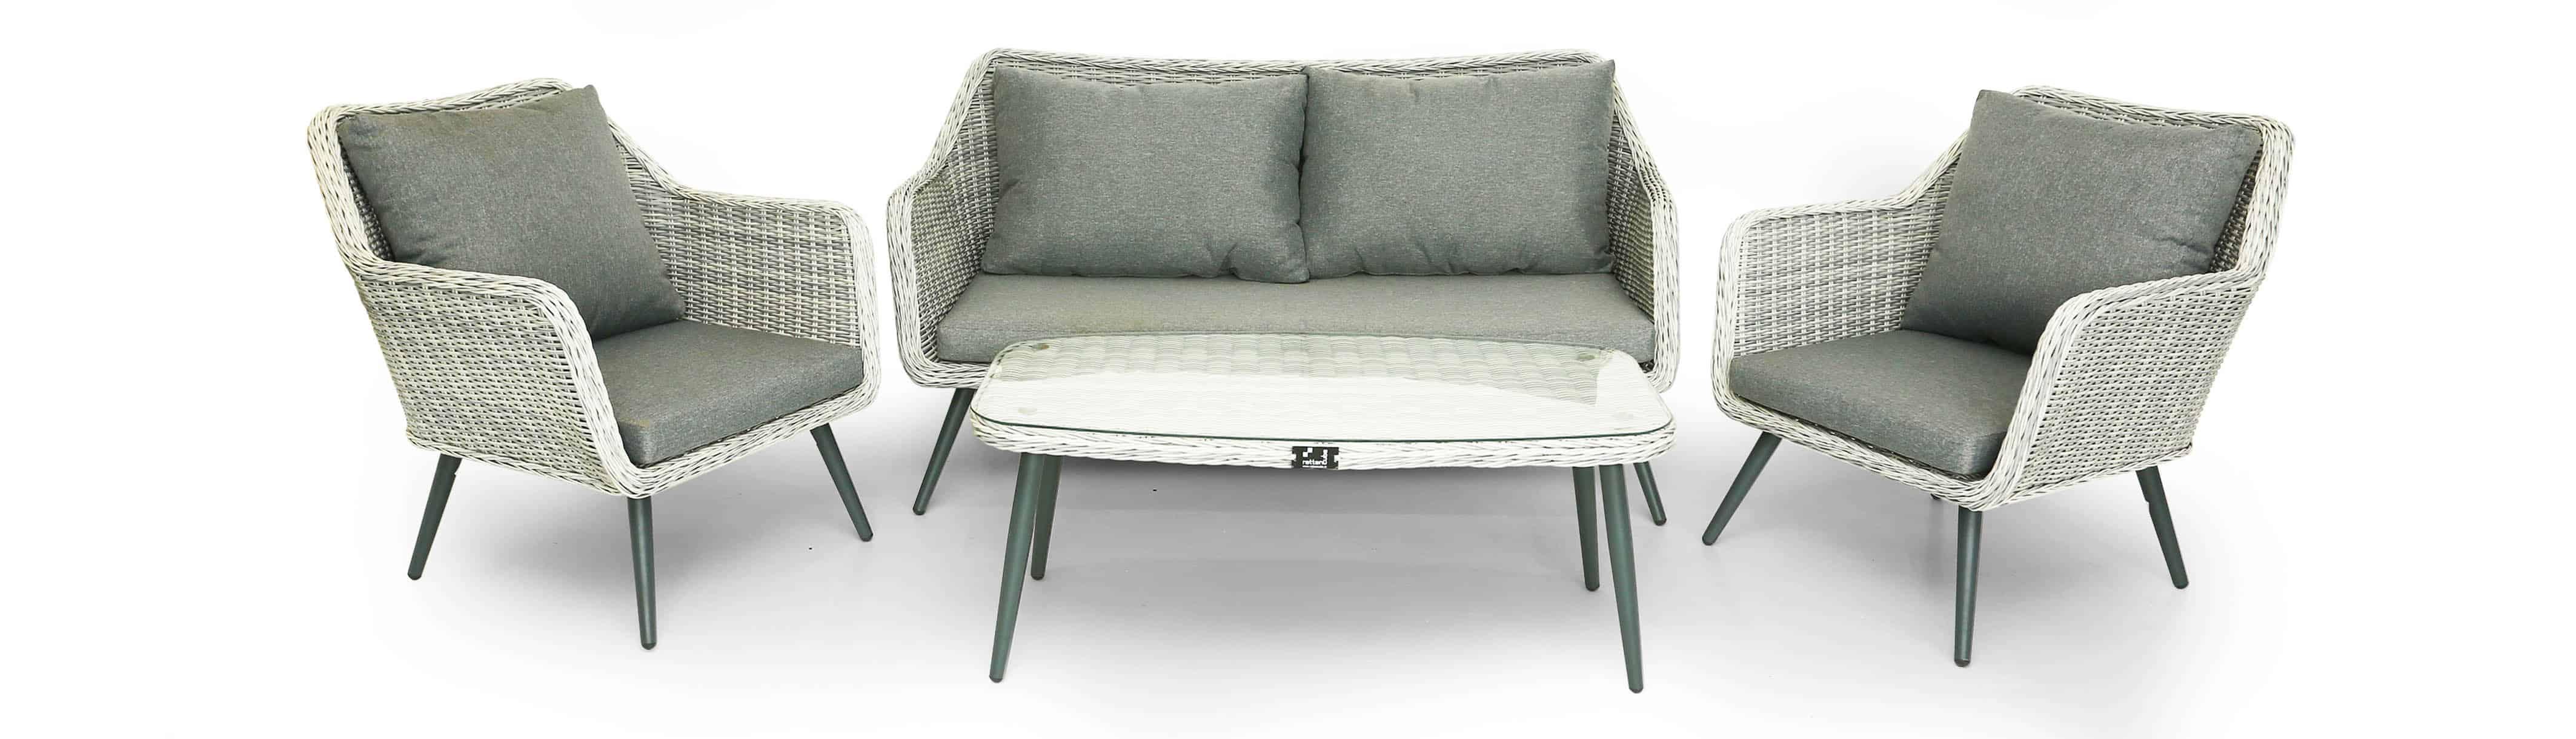 Malaga Rattan Furniture